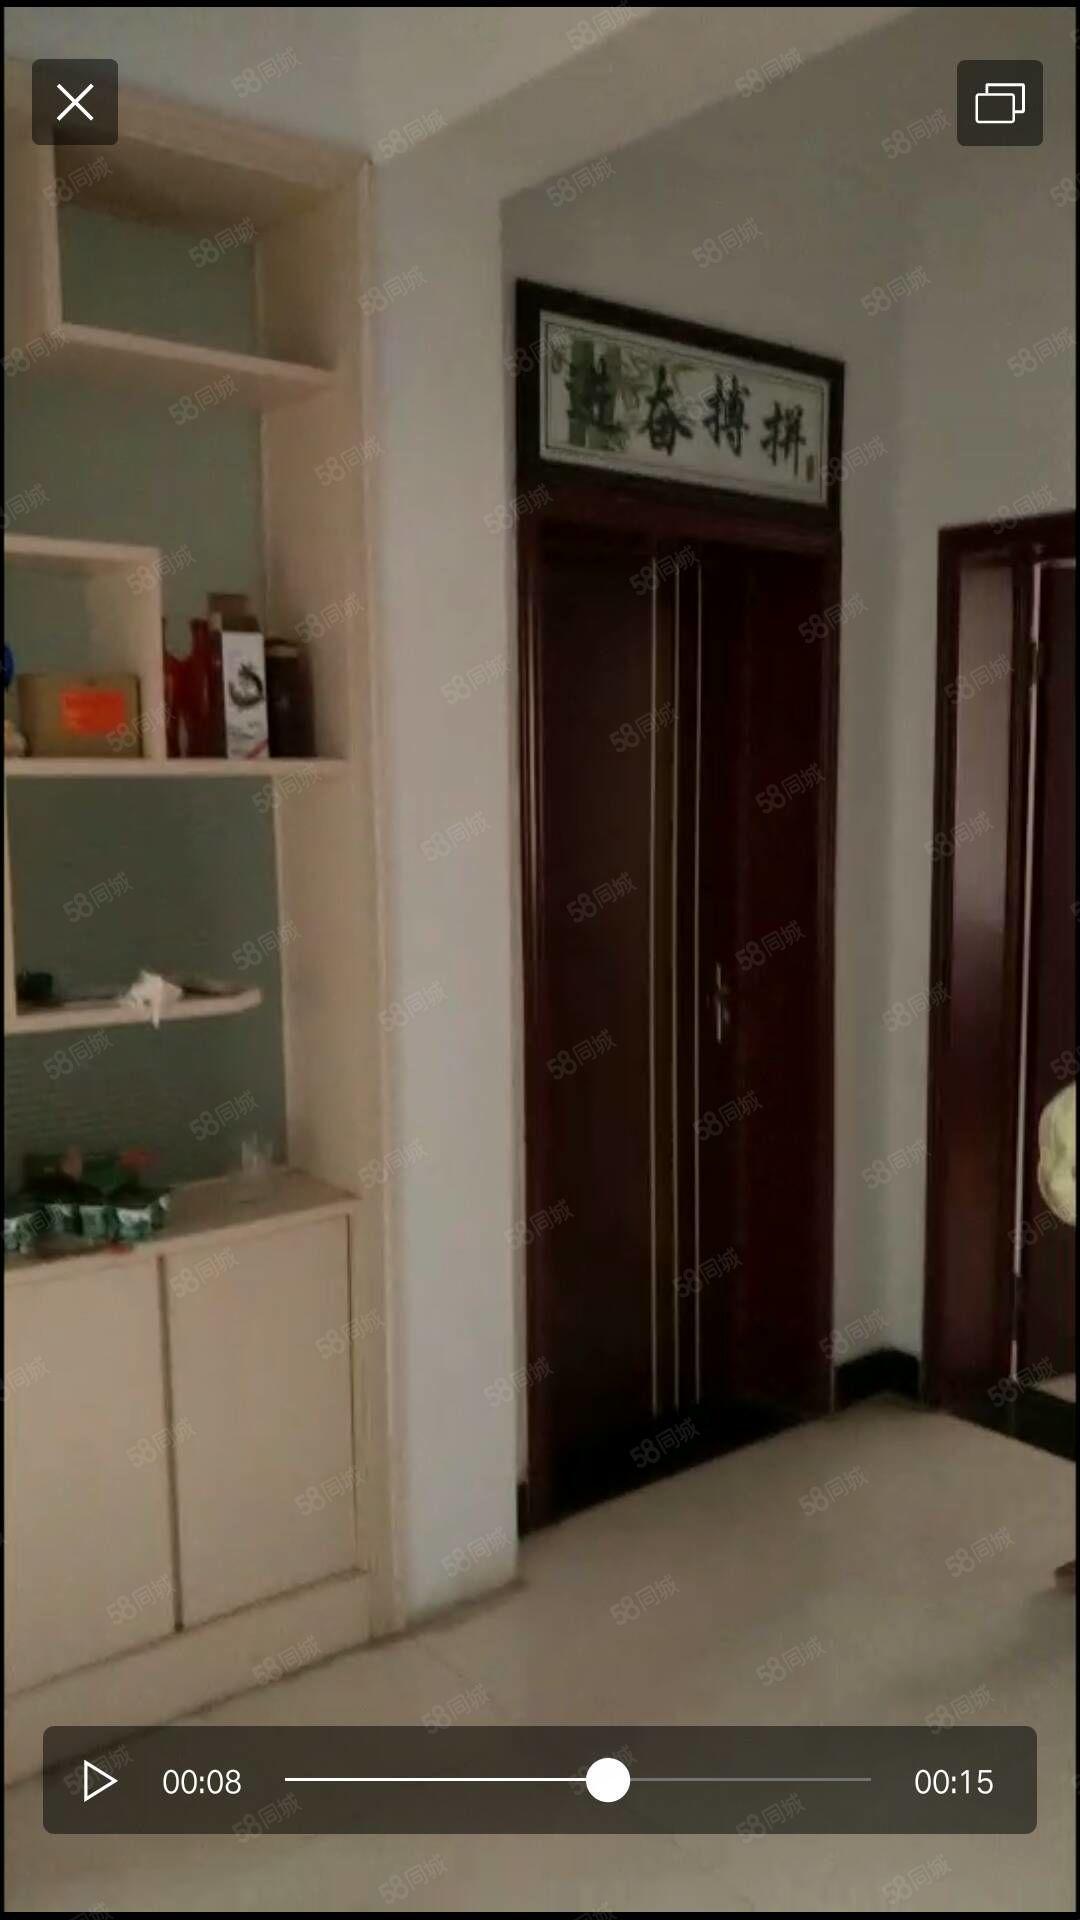 急售天中丽景两室两厅两卧室朝阳,精装修拎包入住